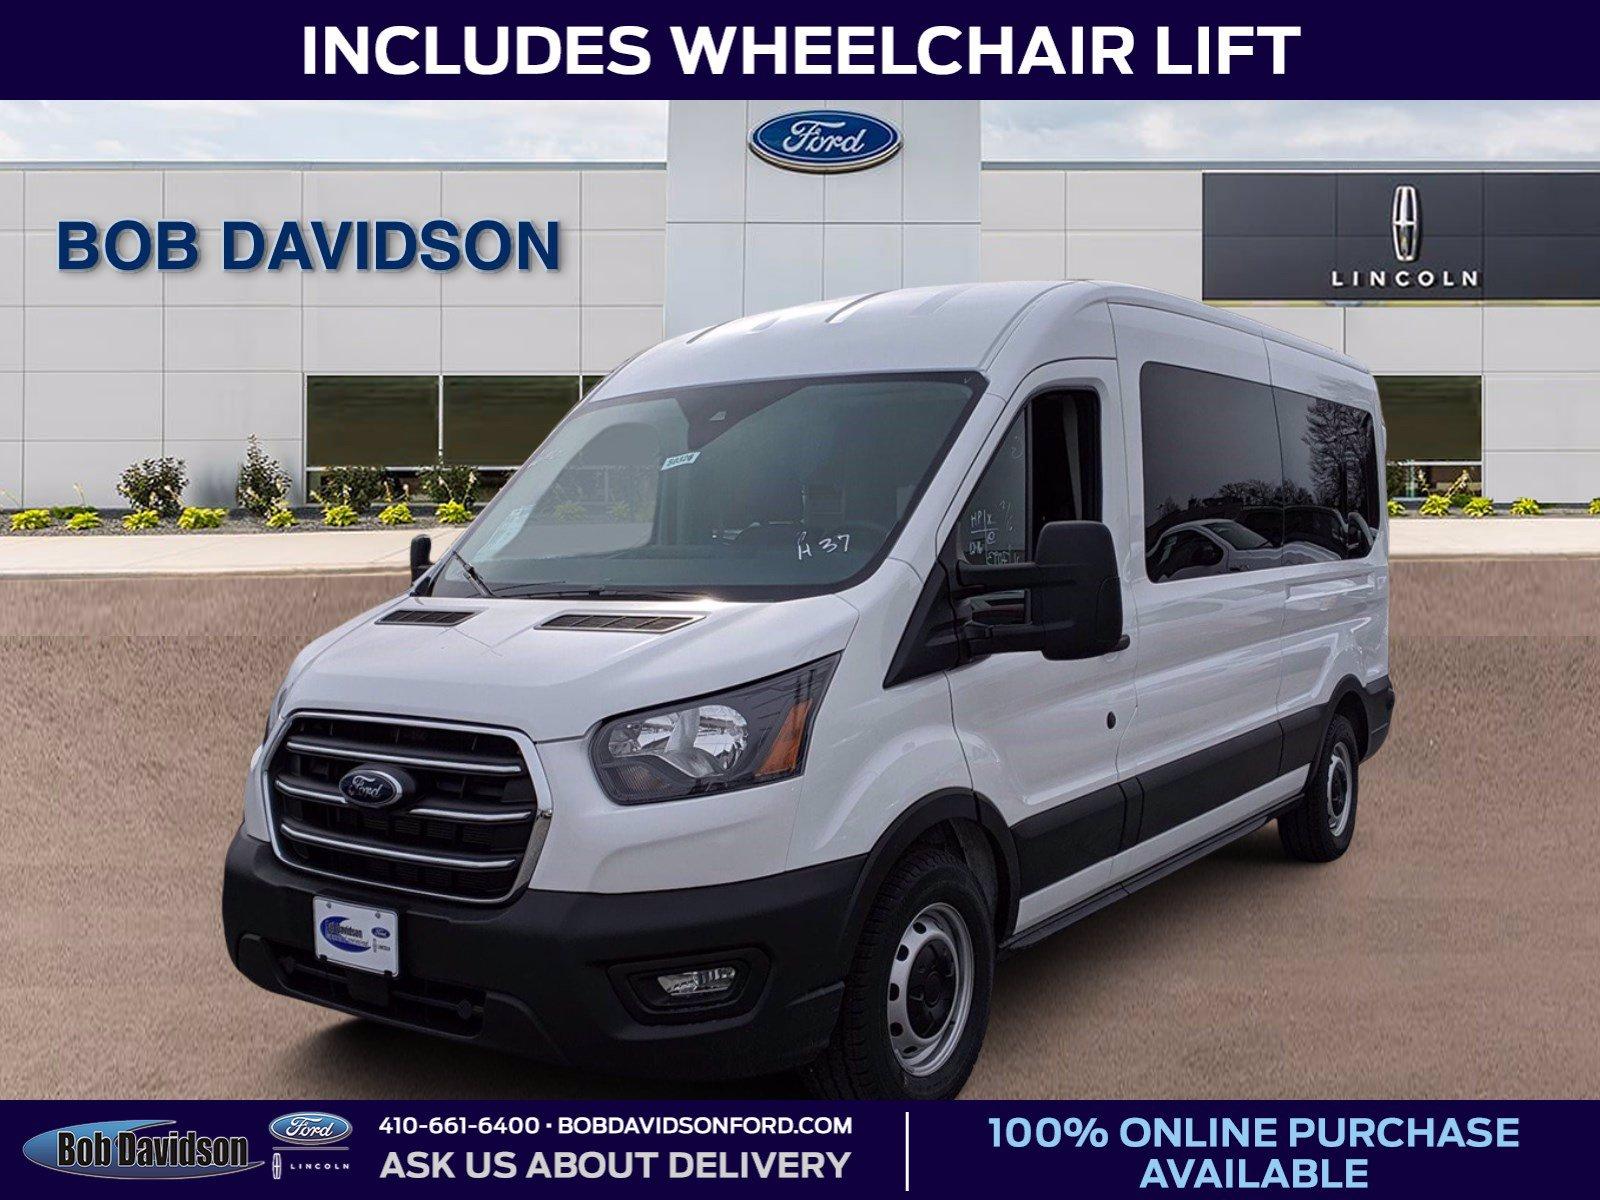 2020 Ford Transit-350 Passenger Passenger Van XL Commercial-truck